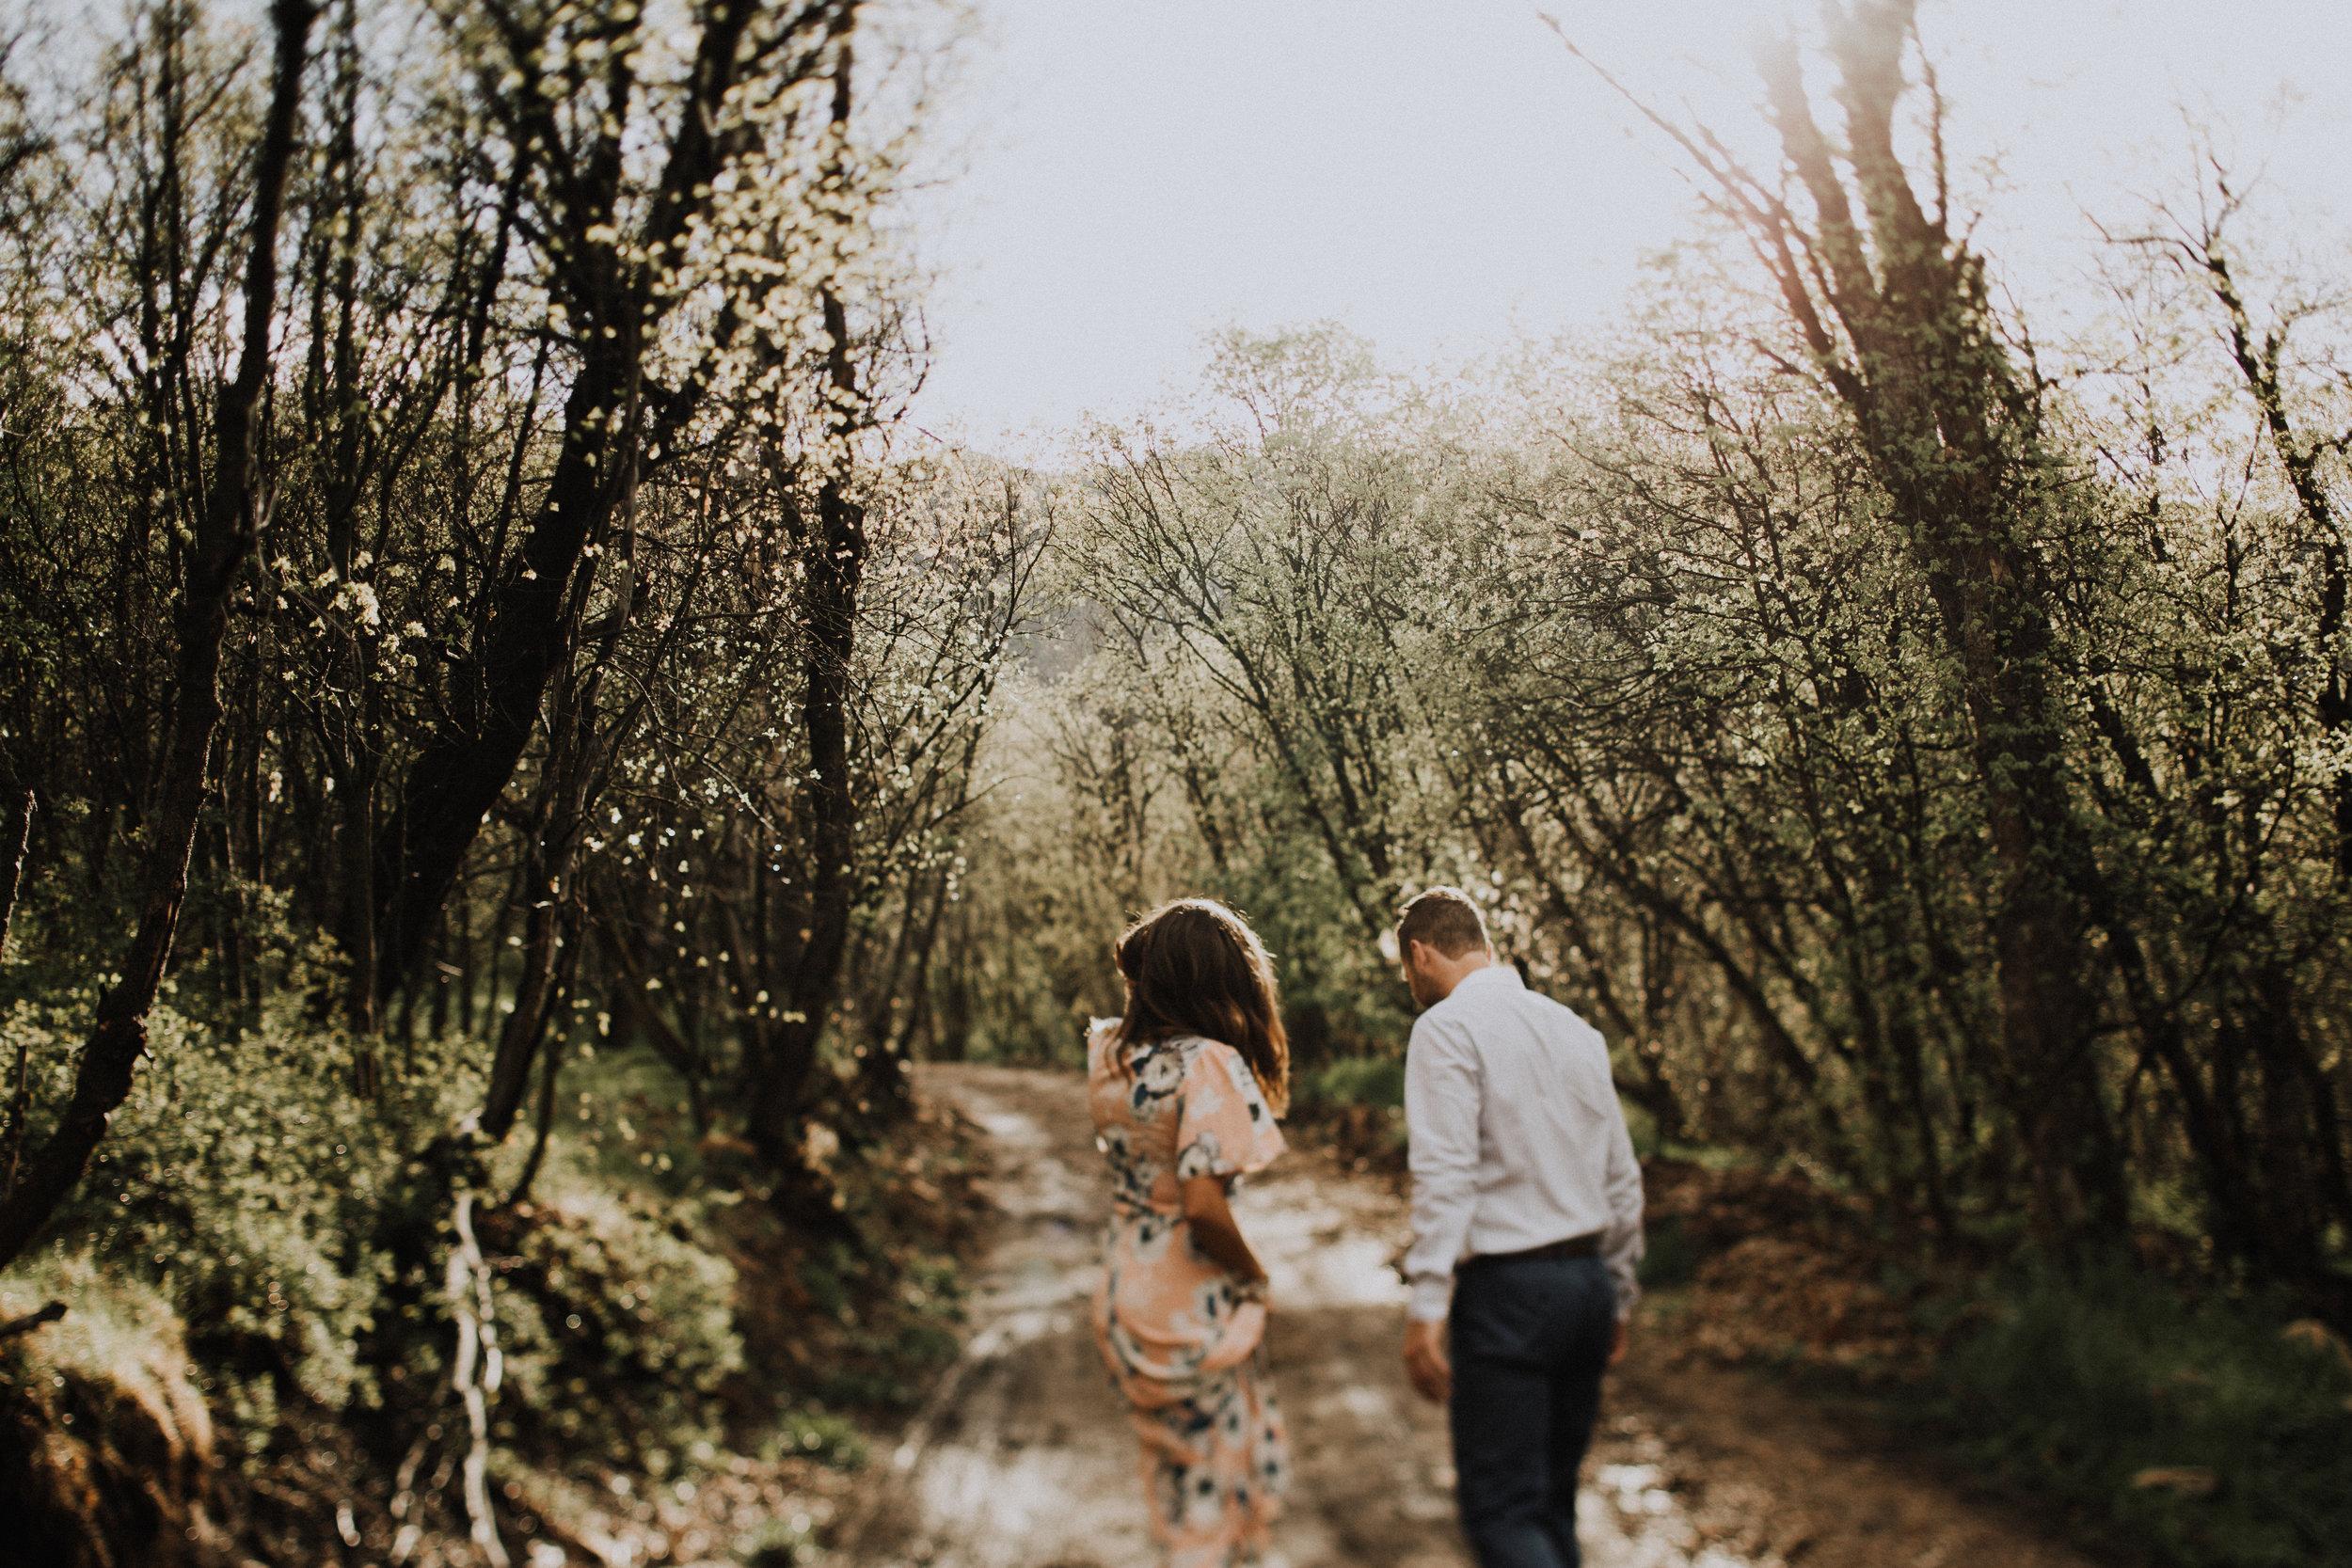 Melyssa & Eric - engagements